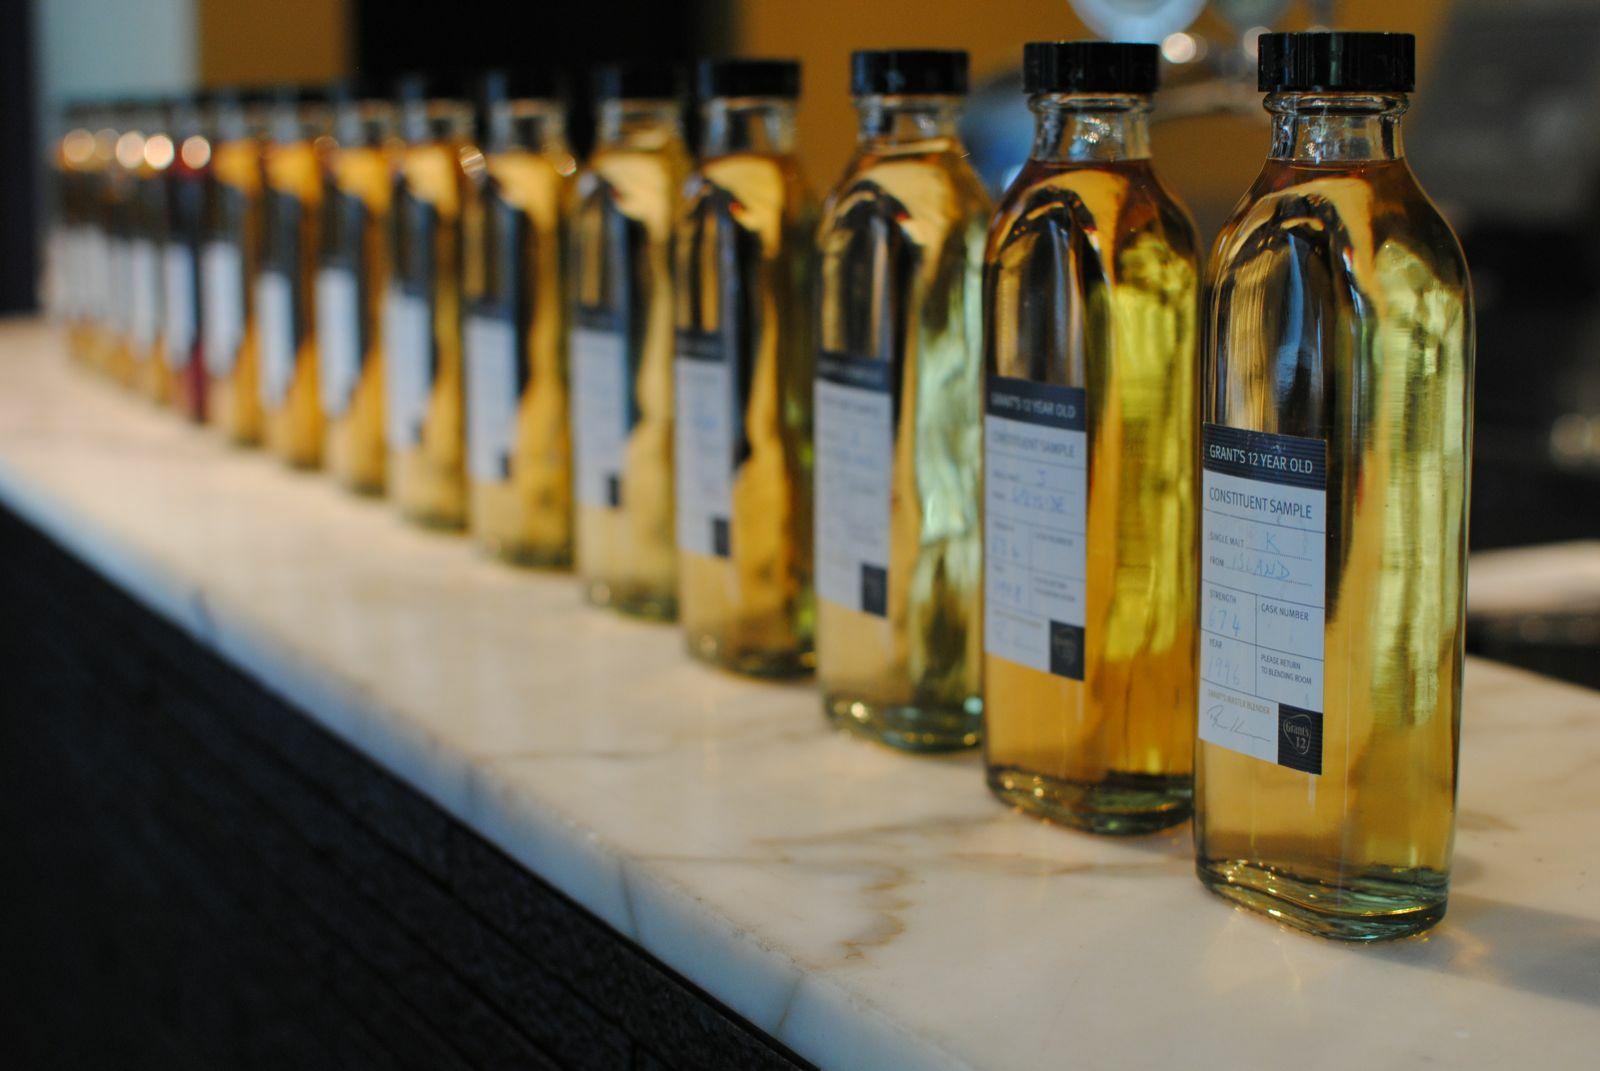 whiskysamples.jpg